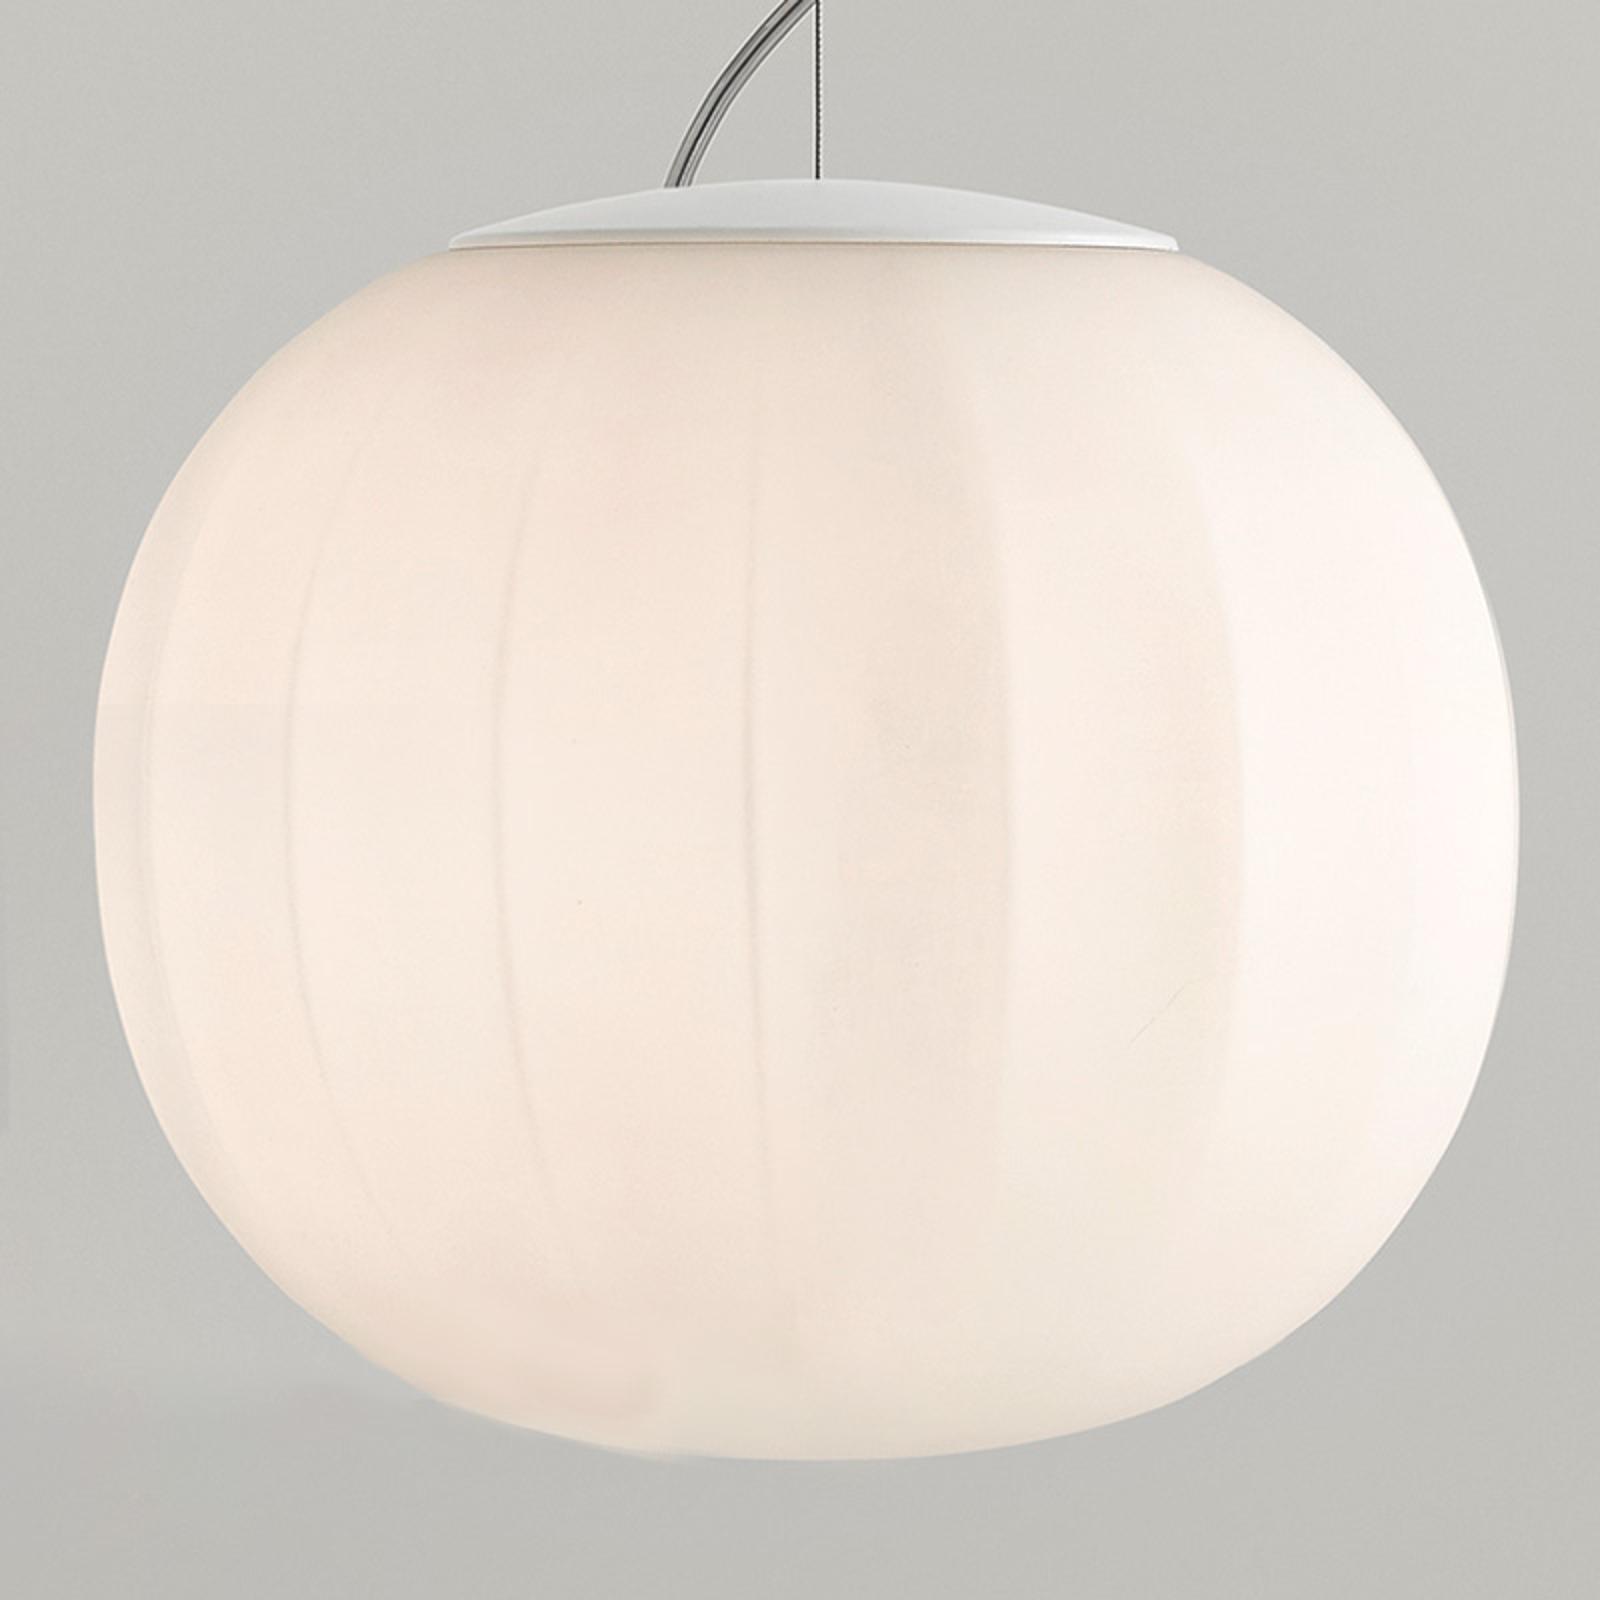 Luceplan Lita Hängeleuchte Abhängung weiß Ø 30 cm